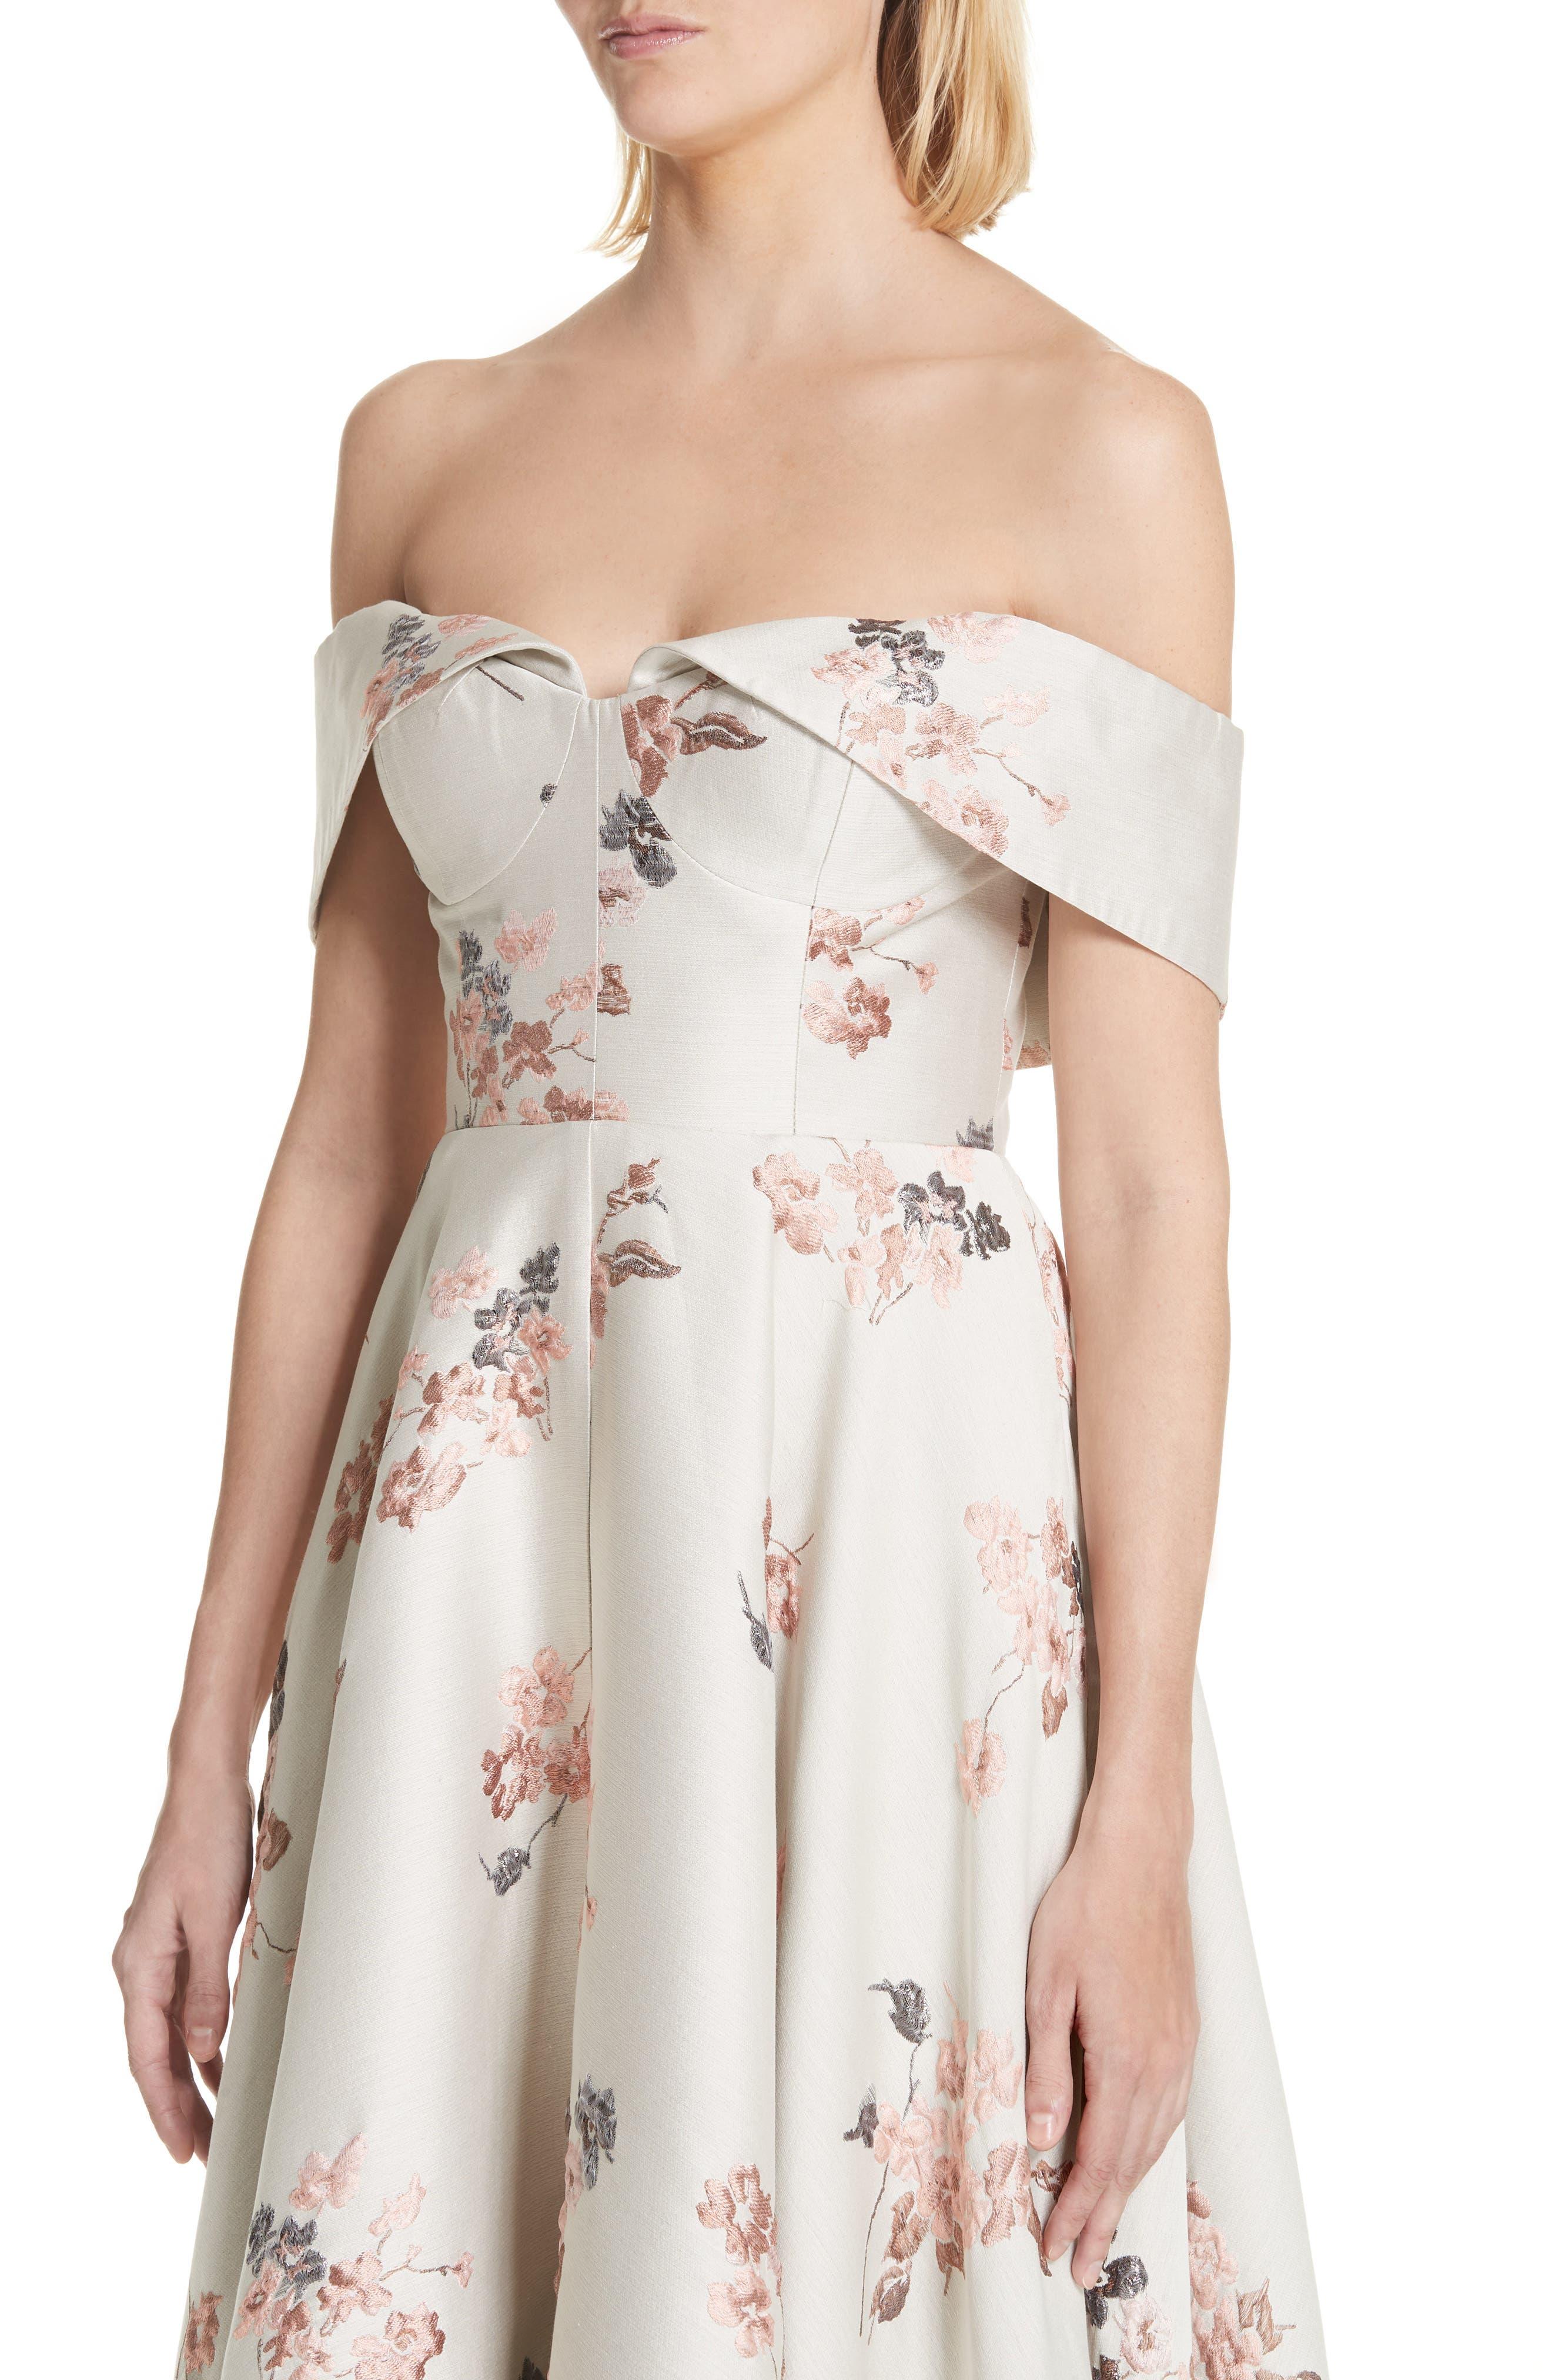 Metallic Floral Jacquard Off the Shoulder Dress,                             Alternate thumbnail 6, color,                             Beige/ Pink